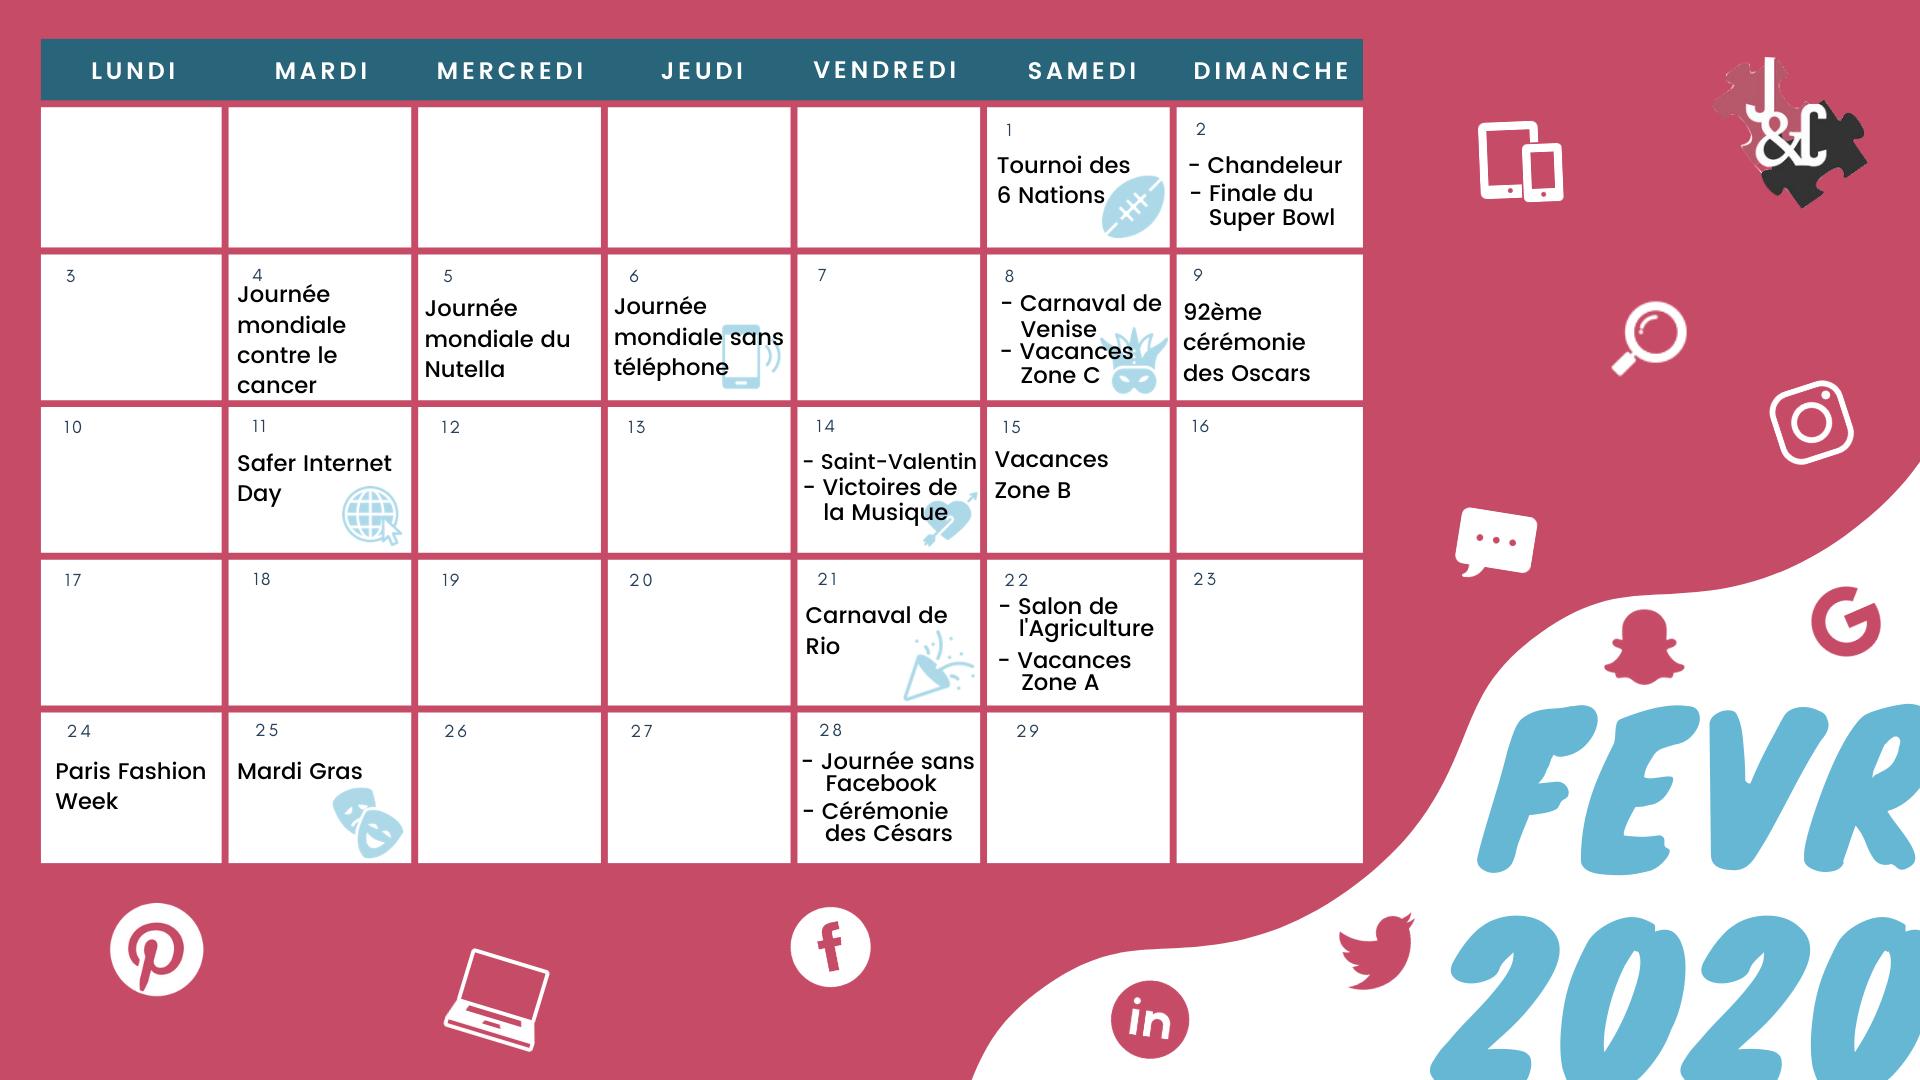 Découvrez tous les événements du mois de février grâce à votre calendrier marronnier février 2020 !